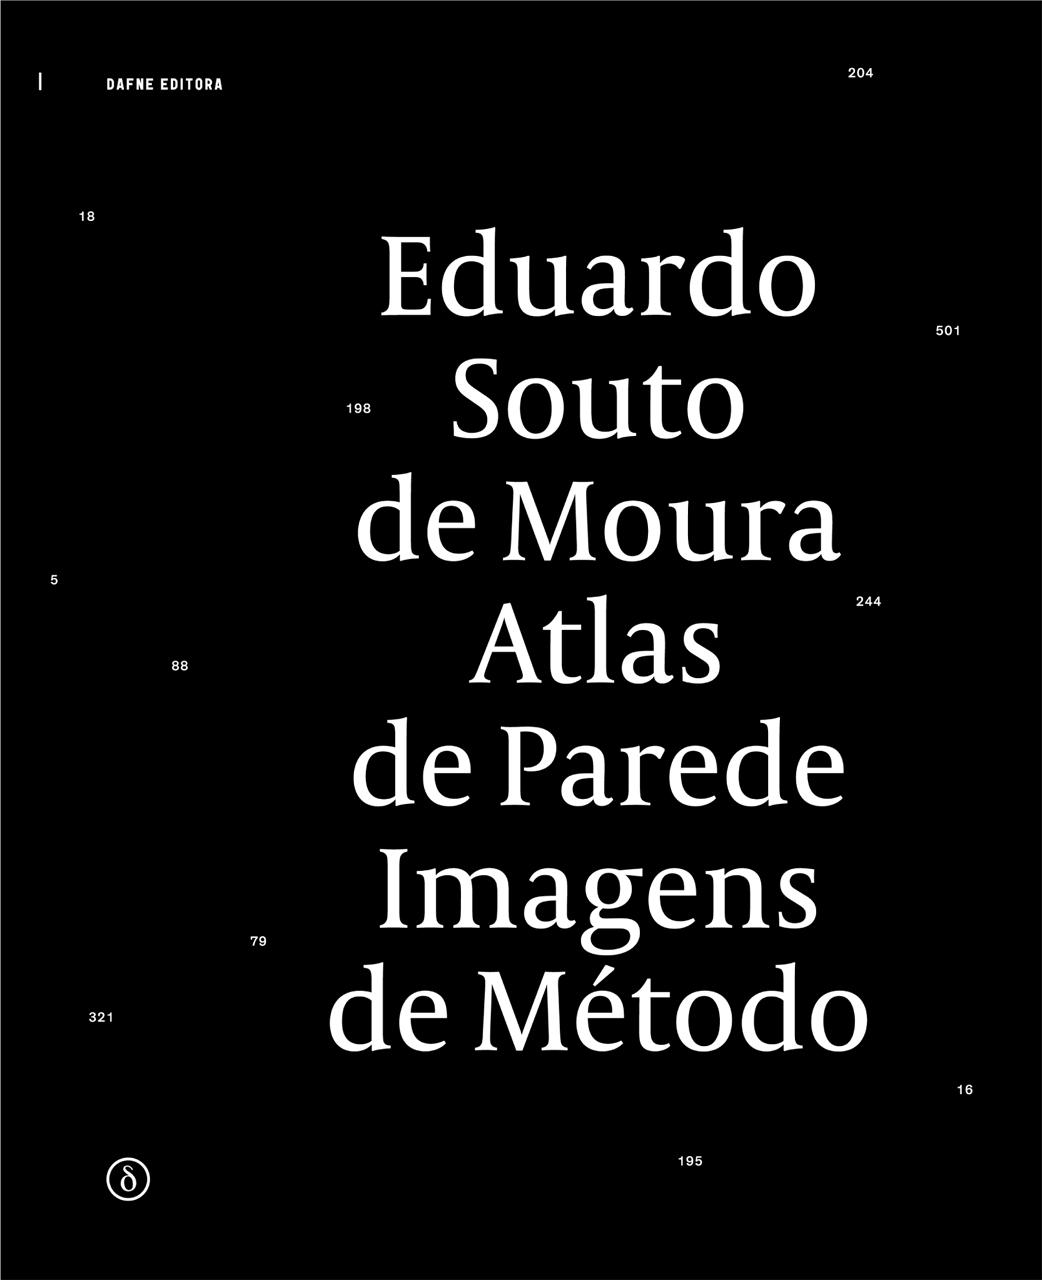 Novo Livro de Eduardo Souto de Moura: Atlas de Parede, Imagens de Método, Cortesia Dafne Editora